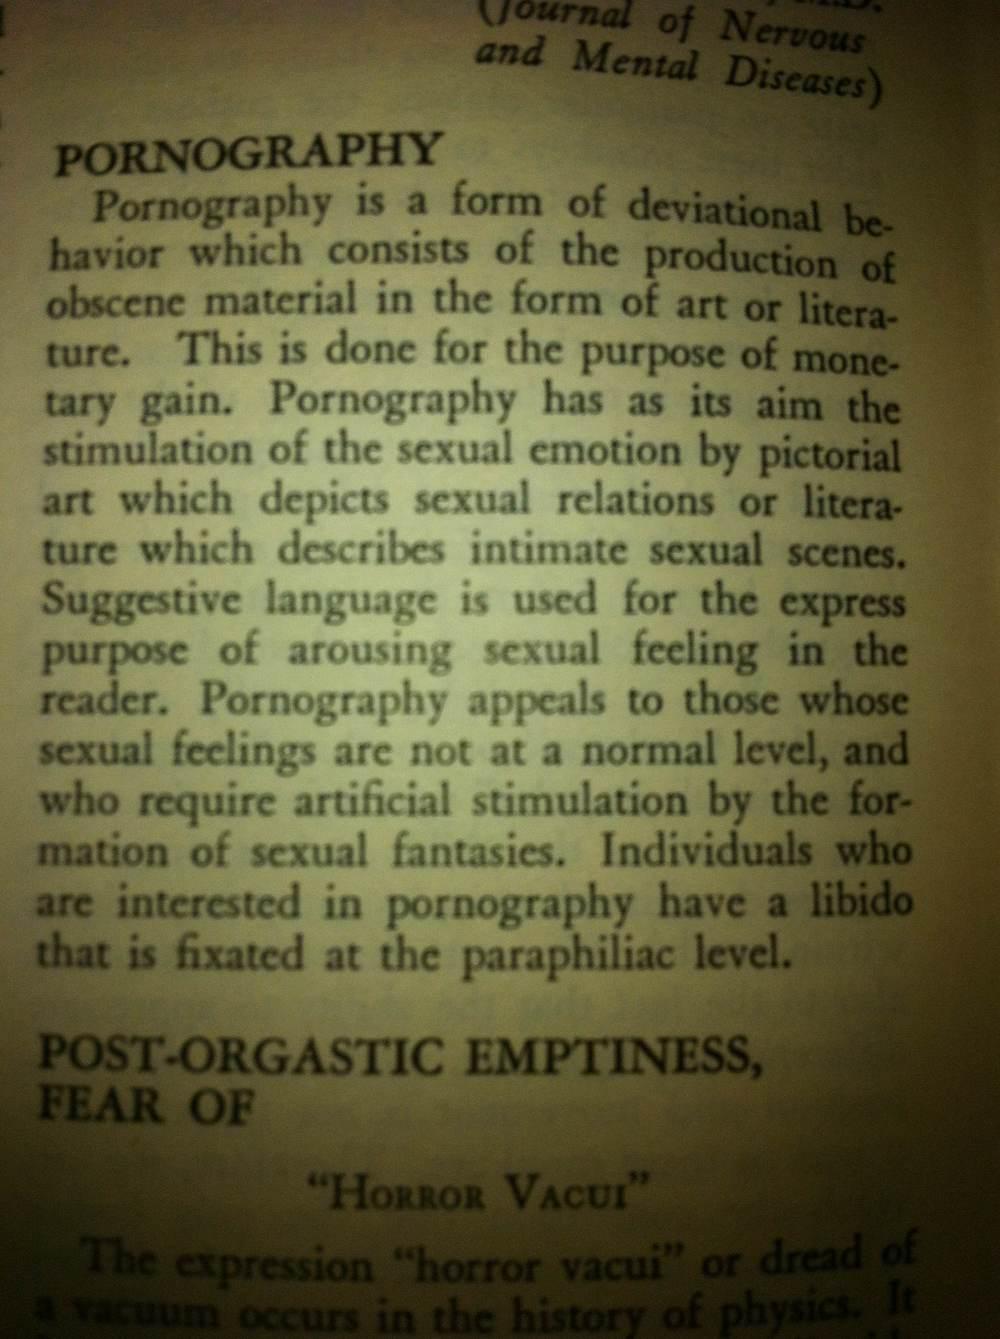 PornDangers